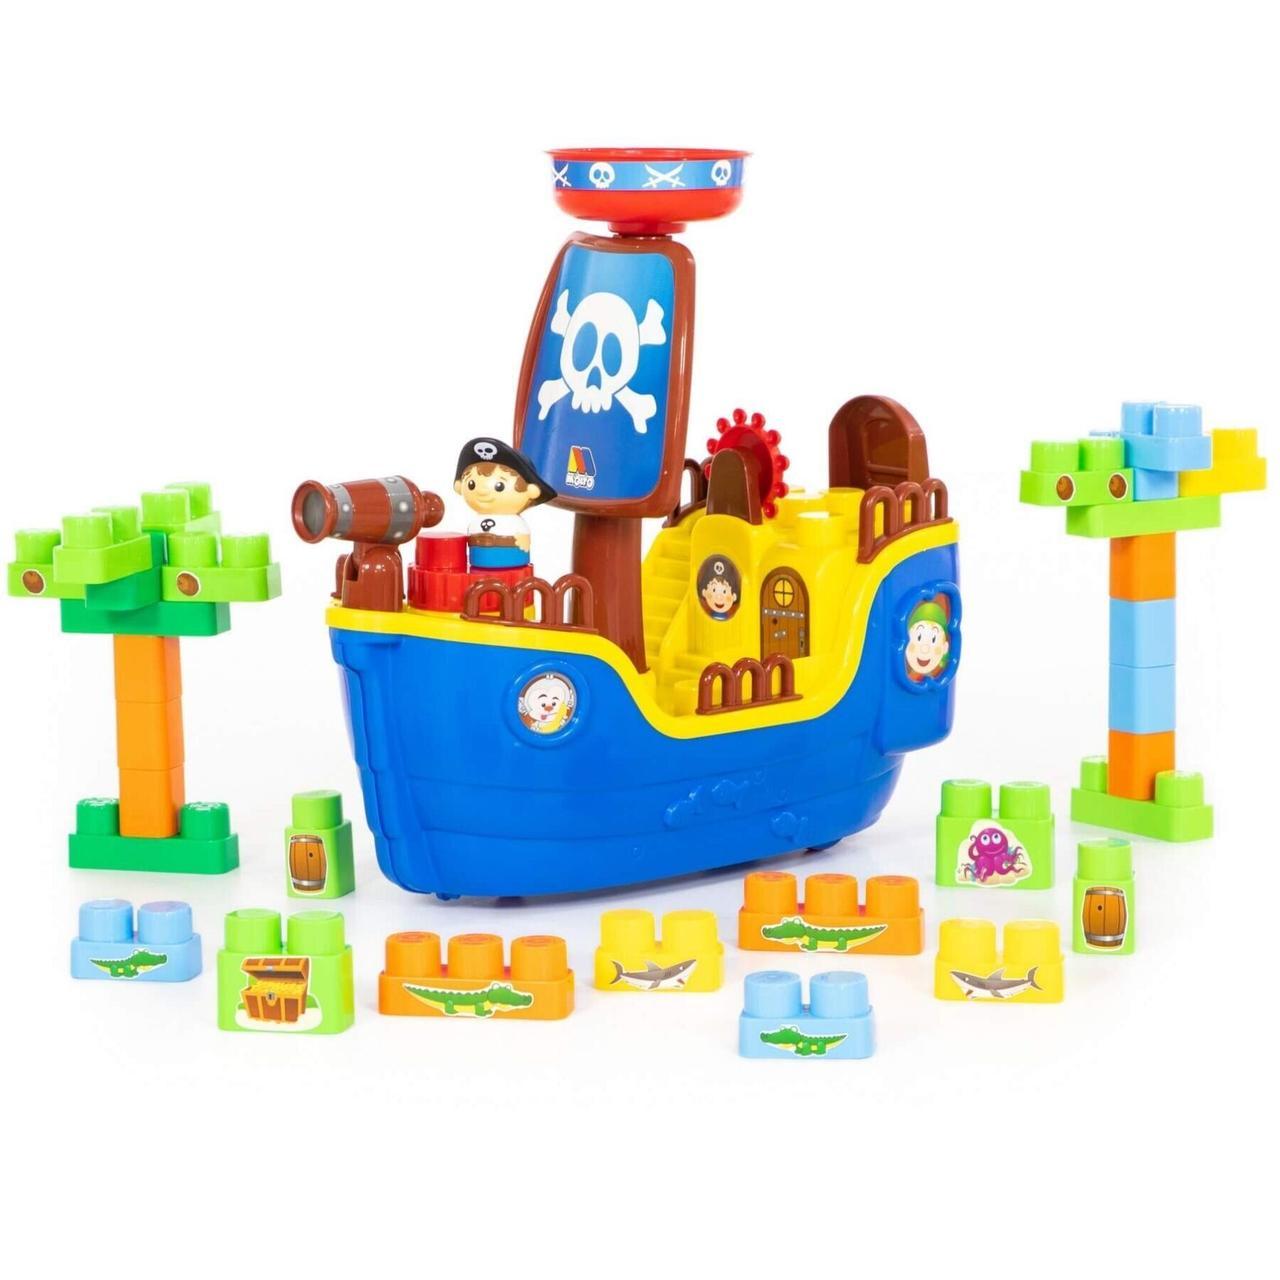 Піратський корабель з конструктором, 30 елементів (62246)